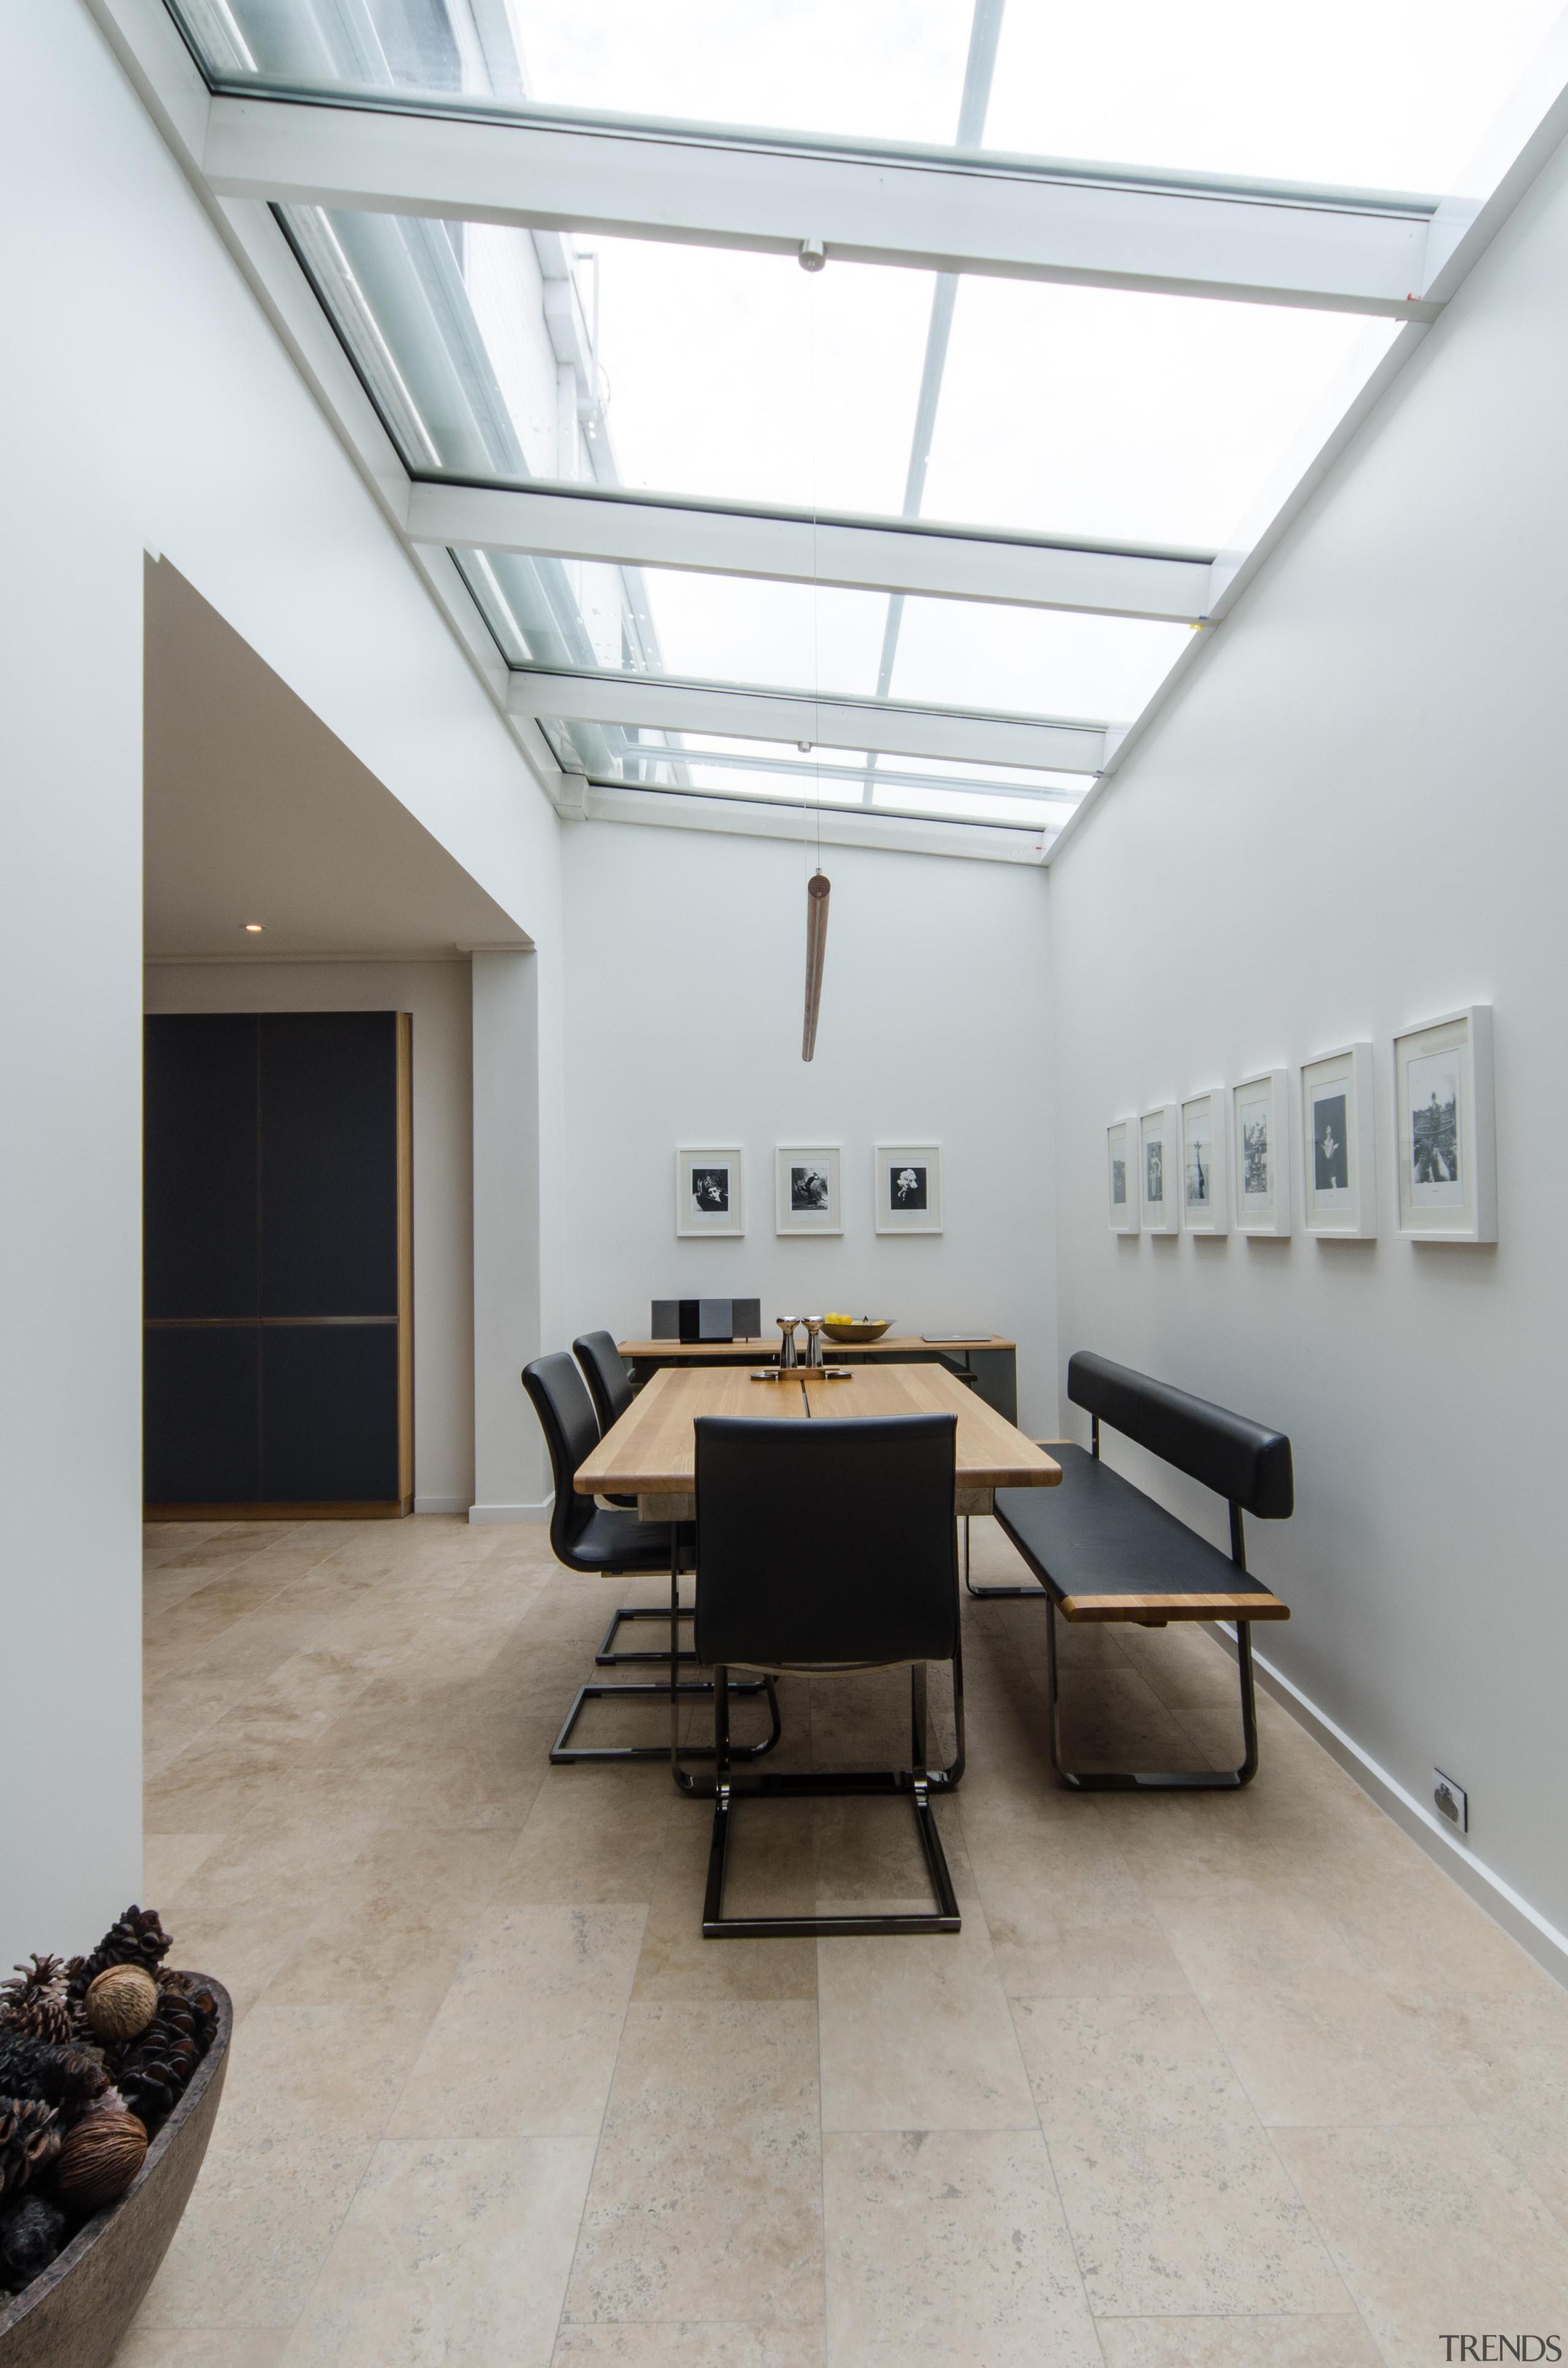 Pepper Design - Team 7 Kitchen - architecture architecture, ceiling, daylighting, floor, flooring, house, interior design, loft, gray, white